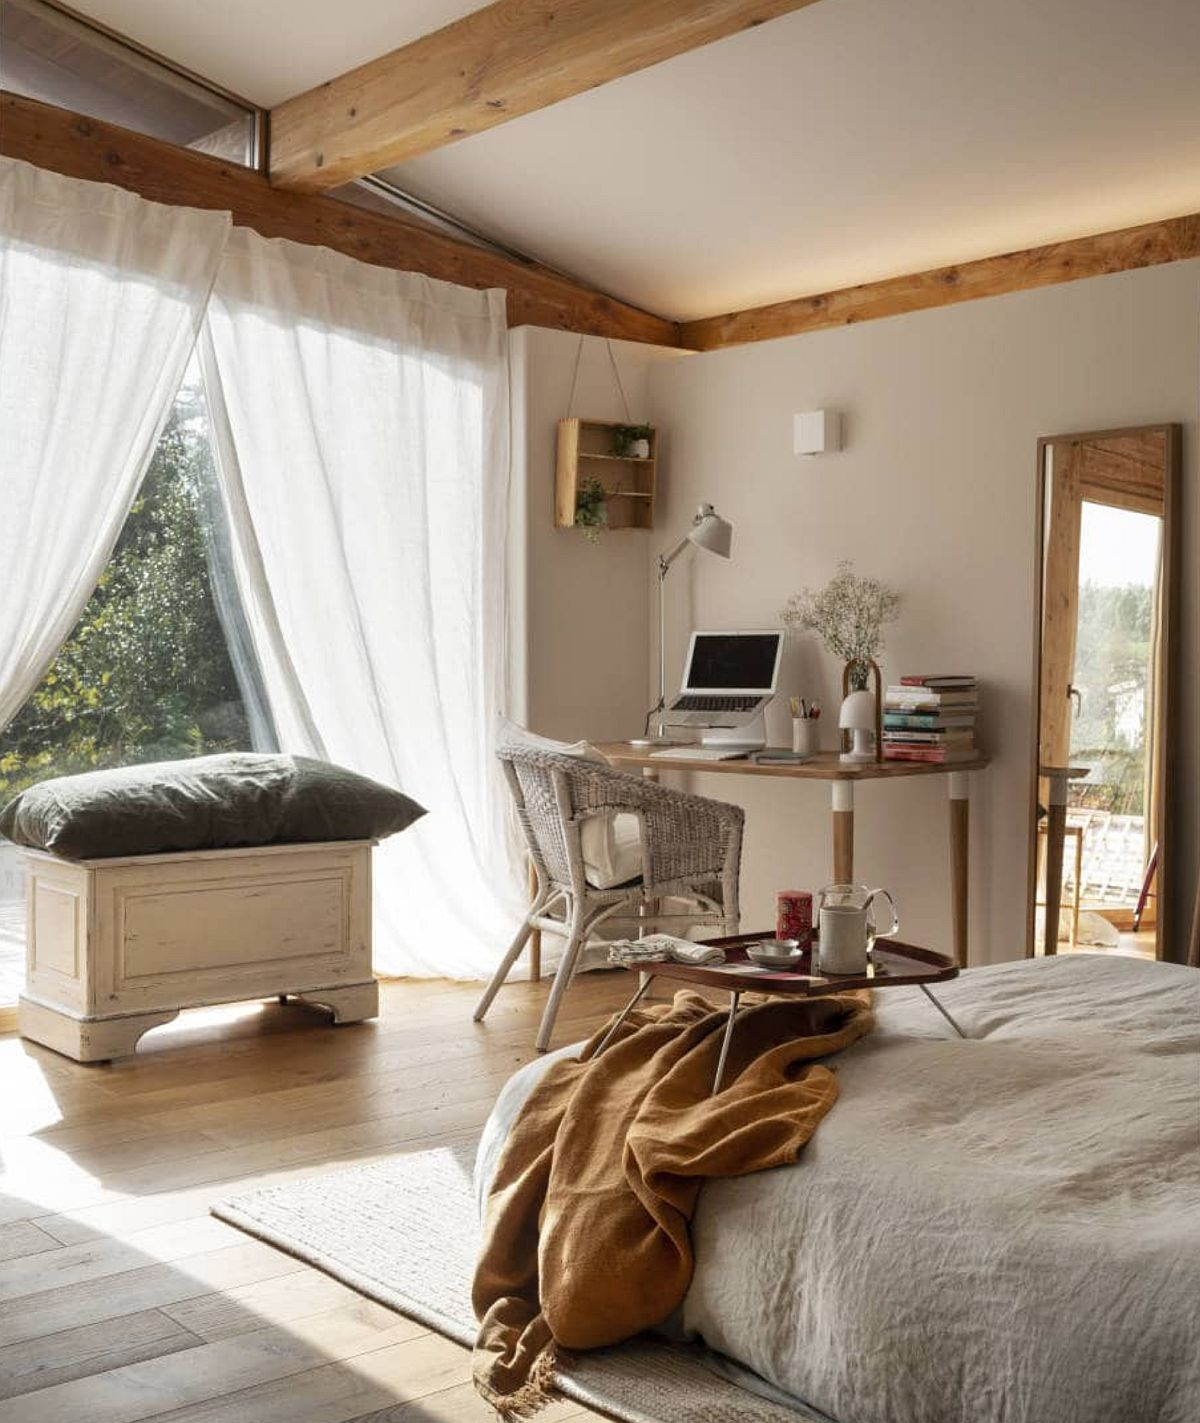 Dormitoarele situate la etaj beneficiază de ambianță plăcută creionată de prezența ferestrelor, lumina naturală punând în evidență spațiul tipic de mansardă cu plantele sale înclinate.